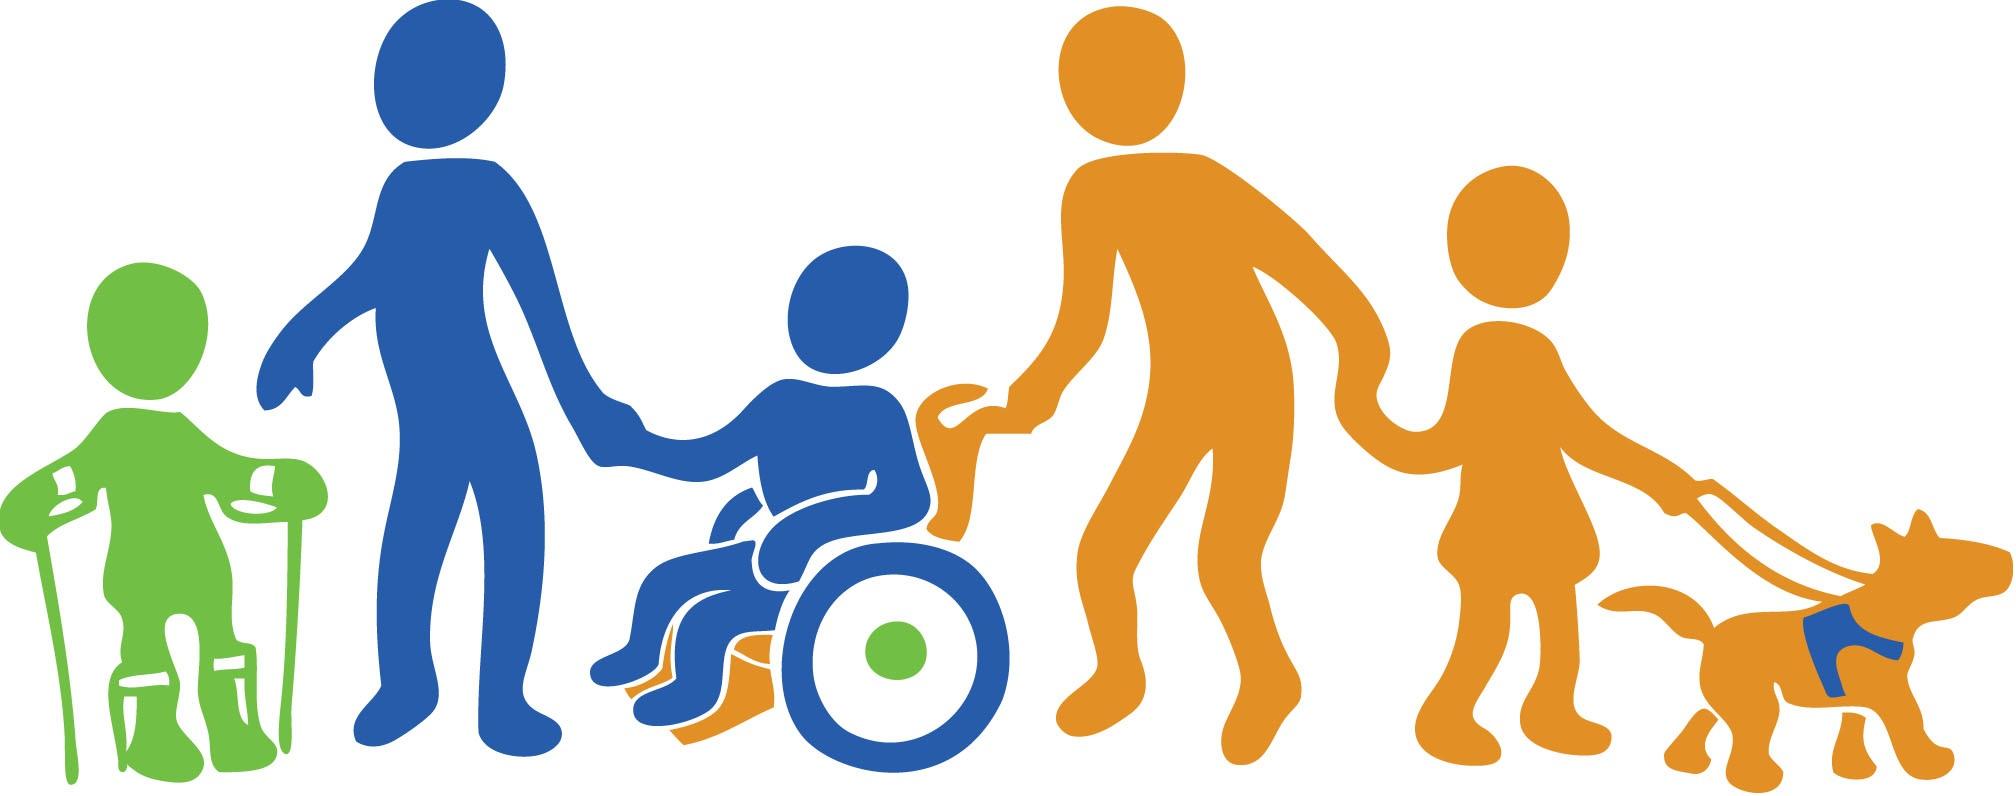 Σεμινάριο: Θεατρικό Παιχνίδι για Άτομα με Κινητικές Αναπηρίες